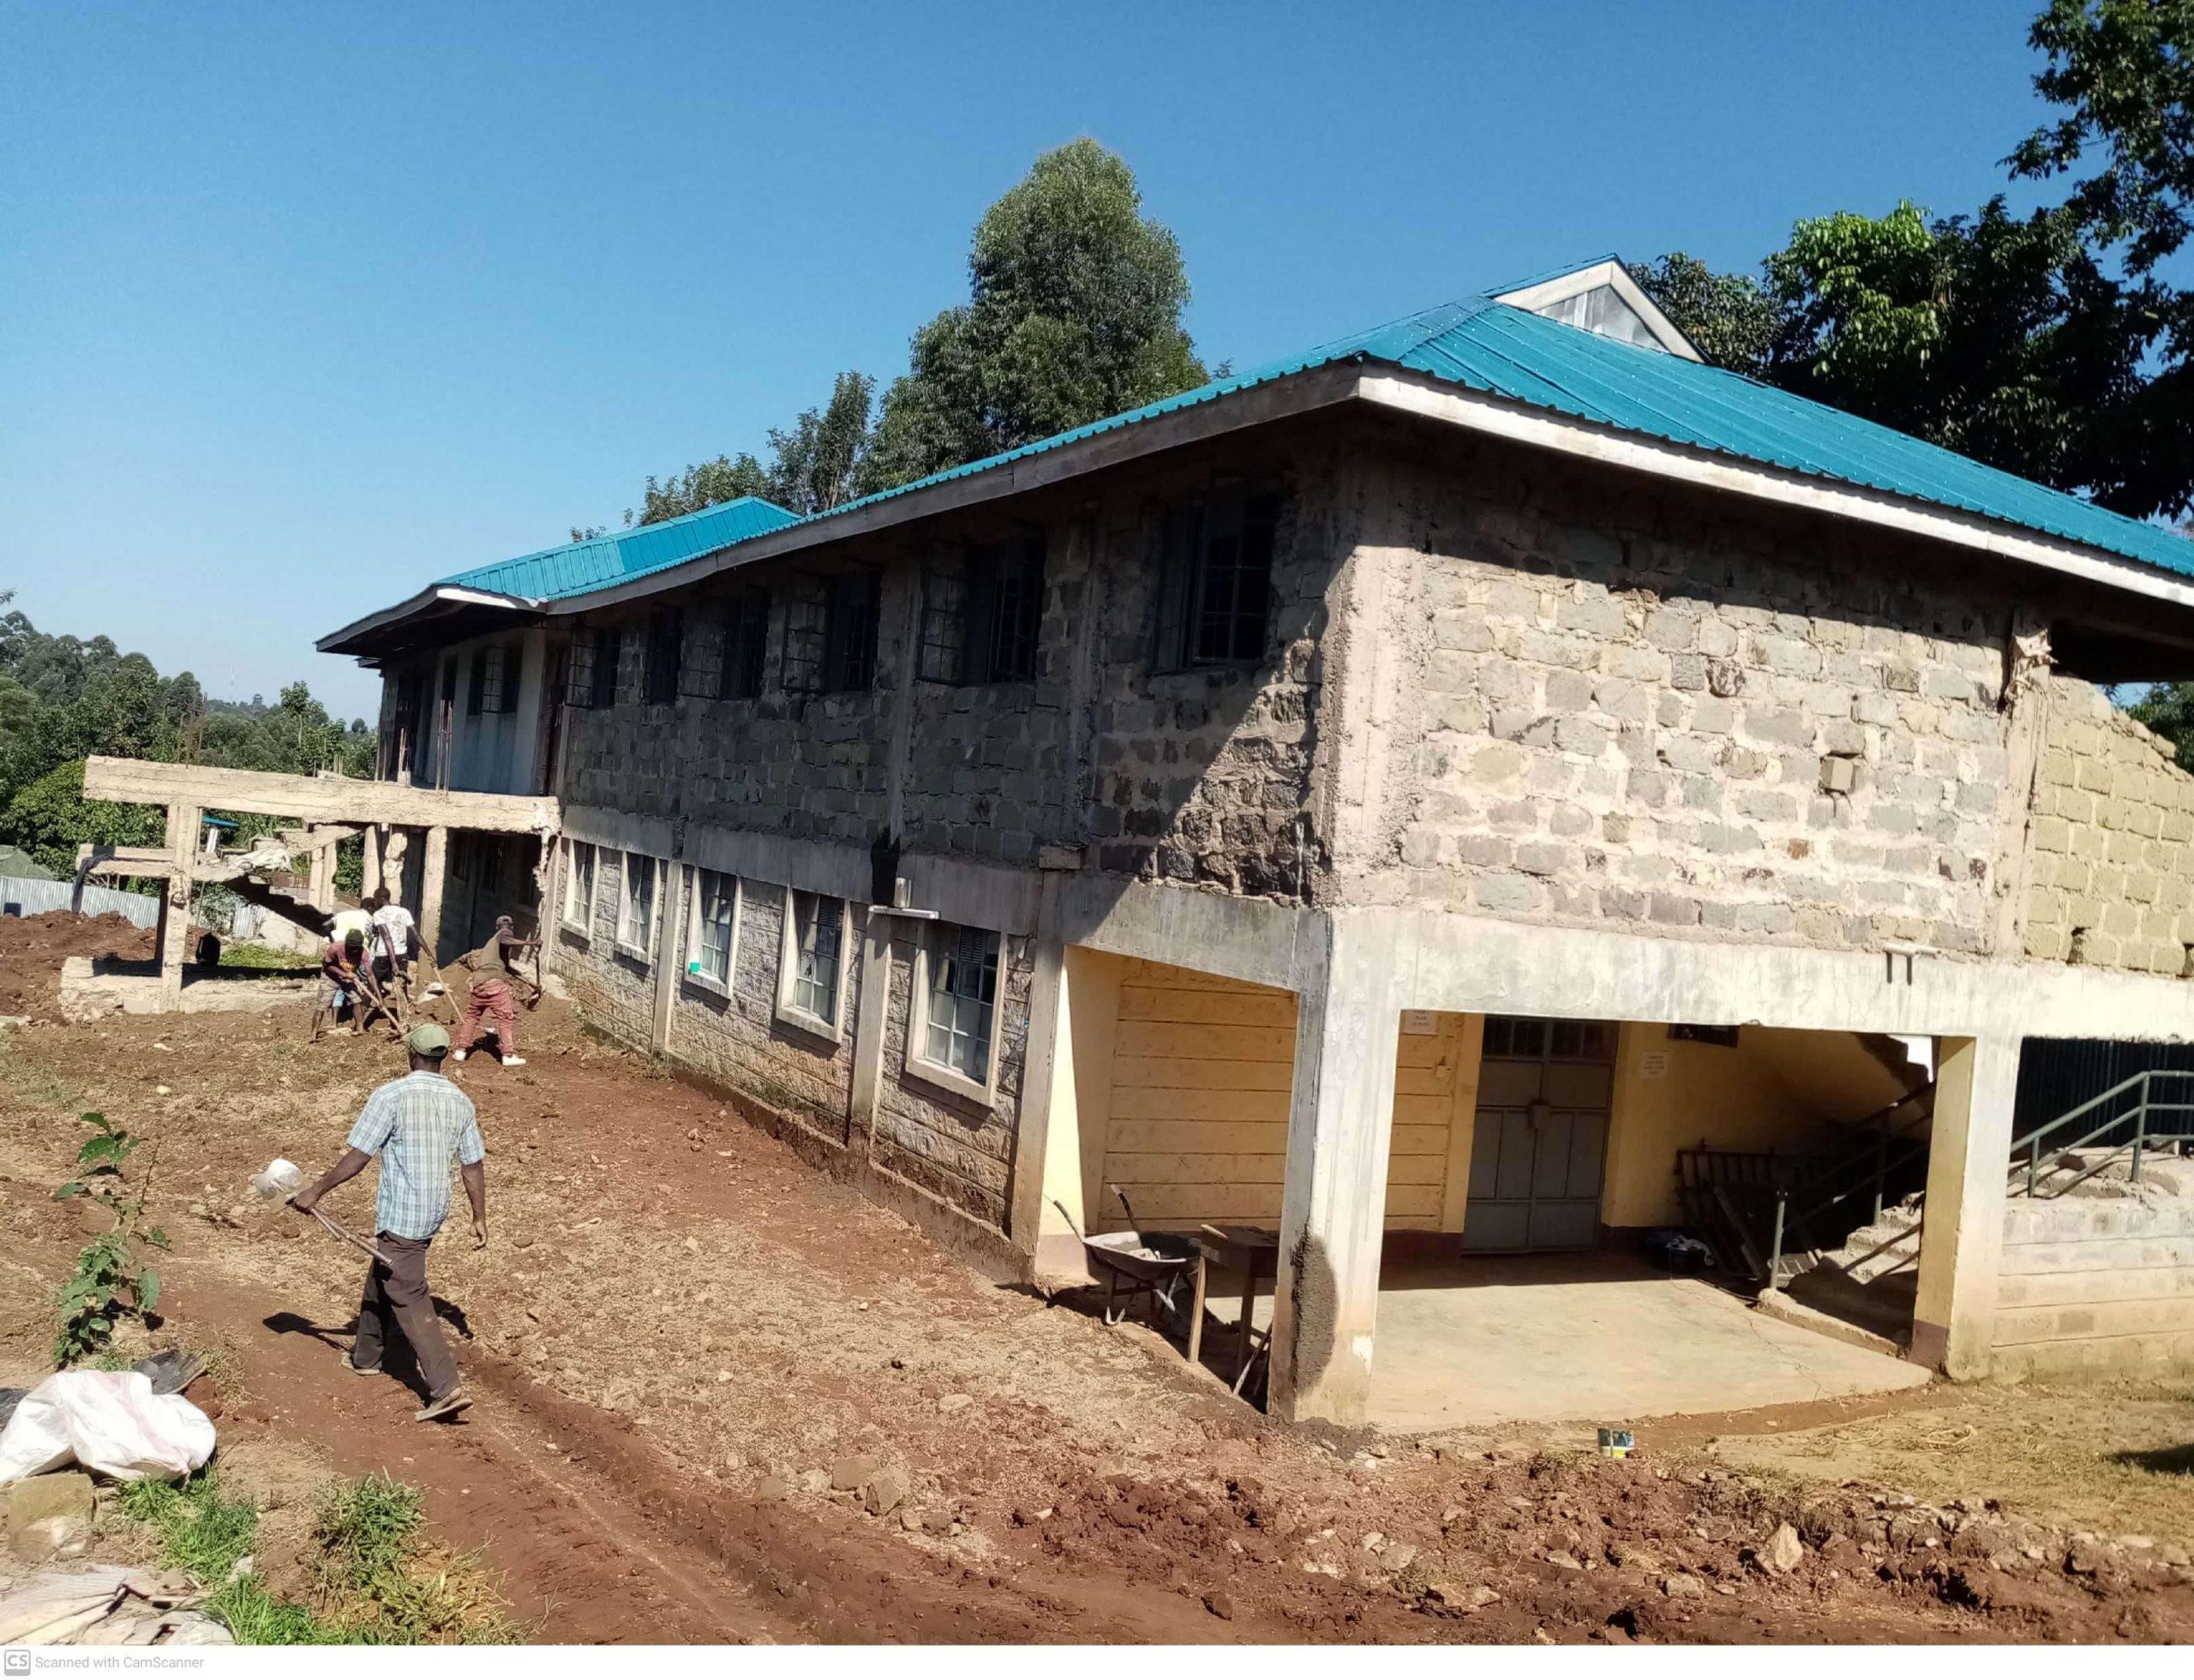 Gahumbwa Secondary School